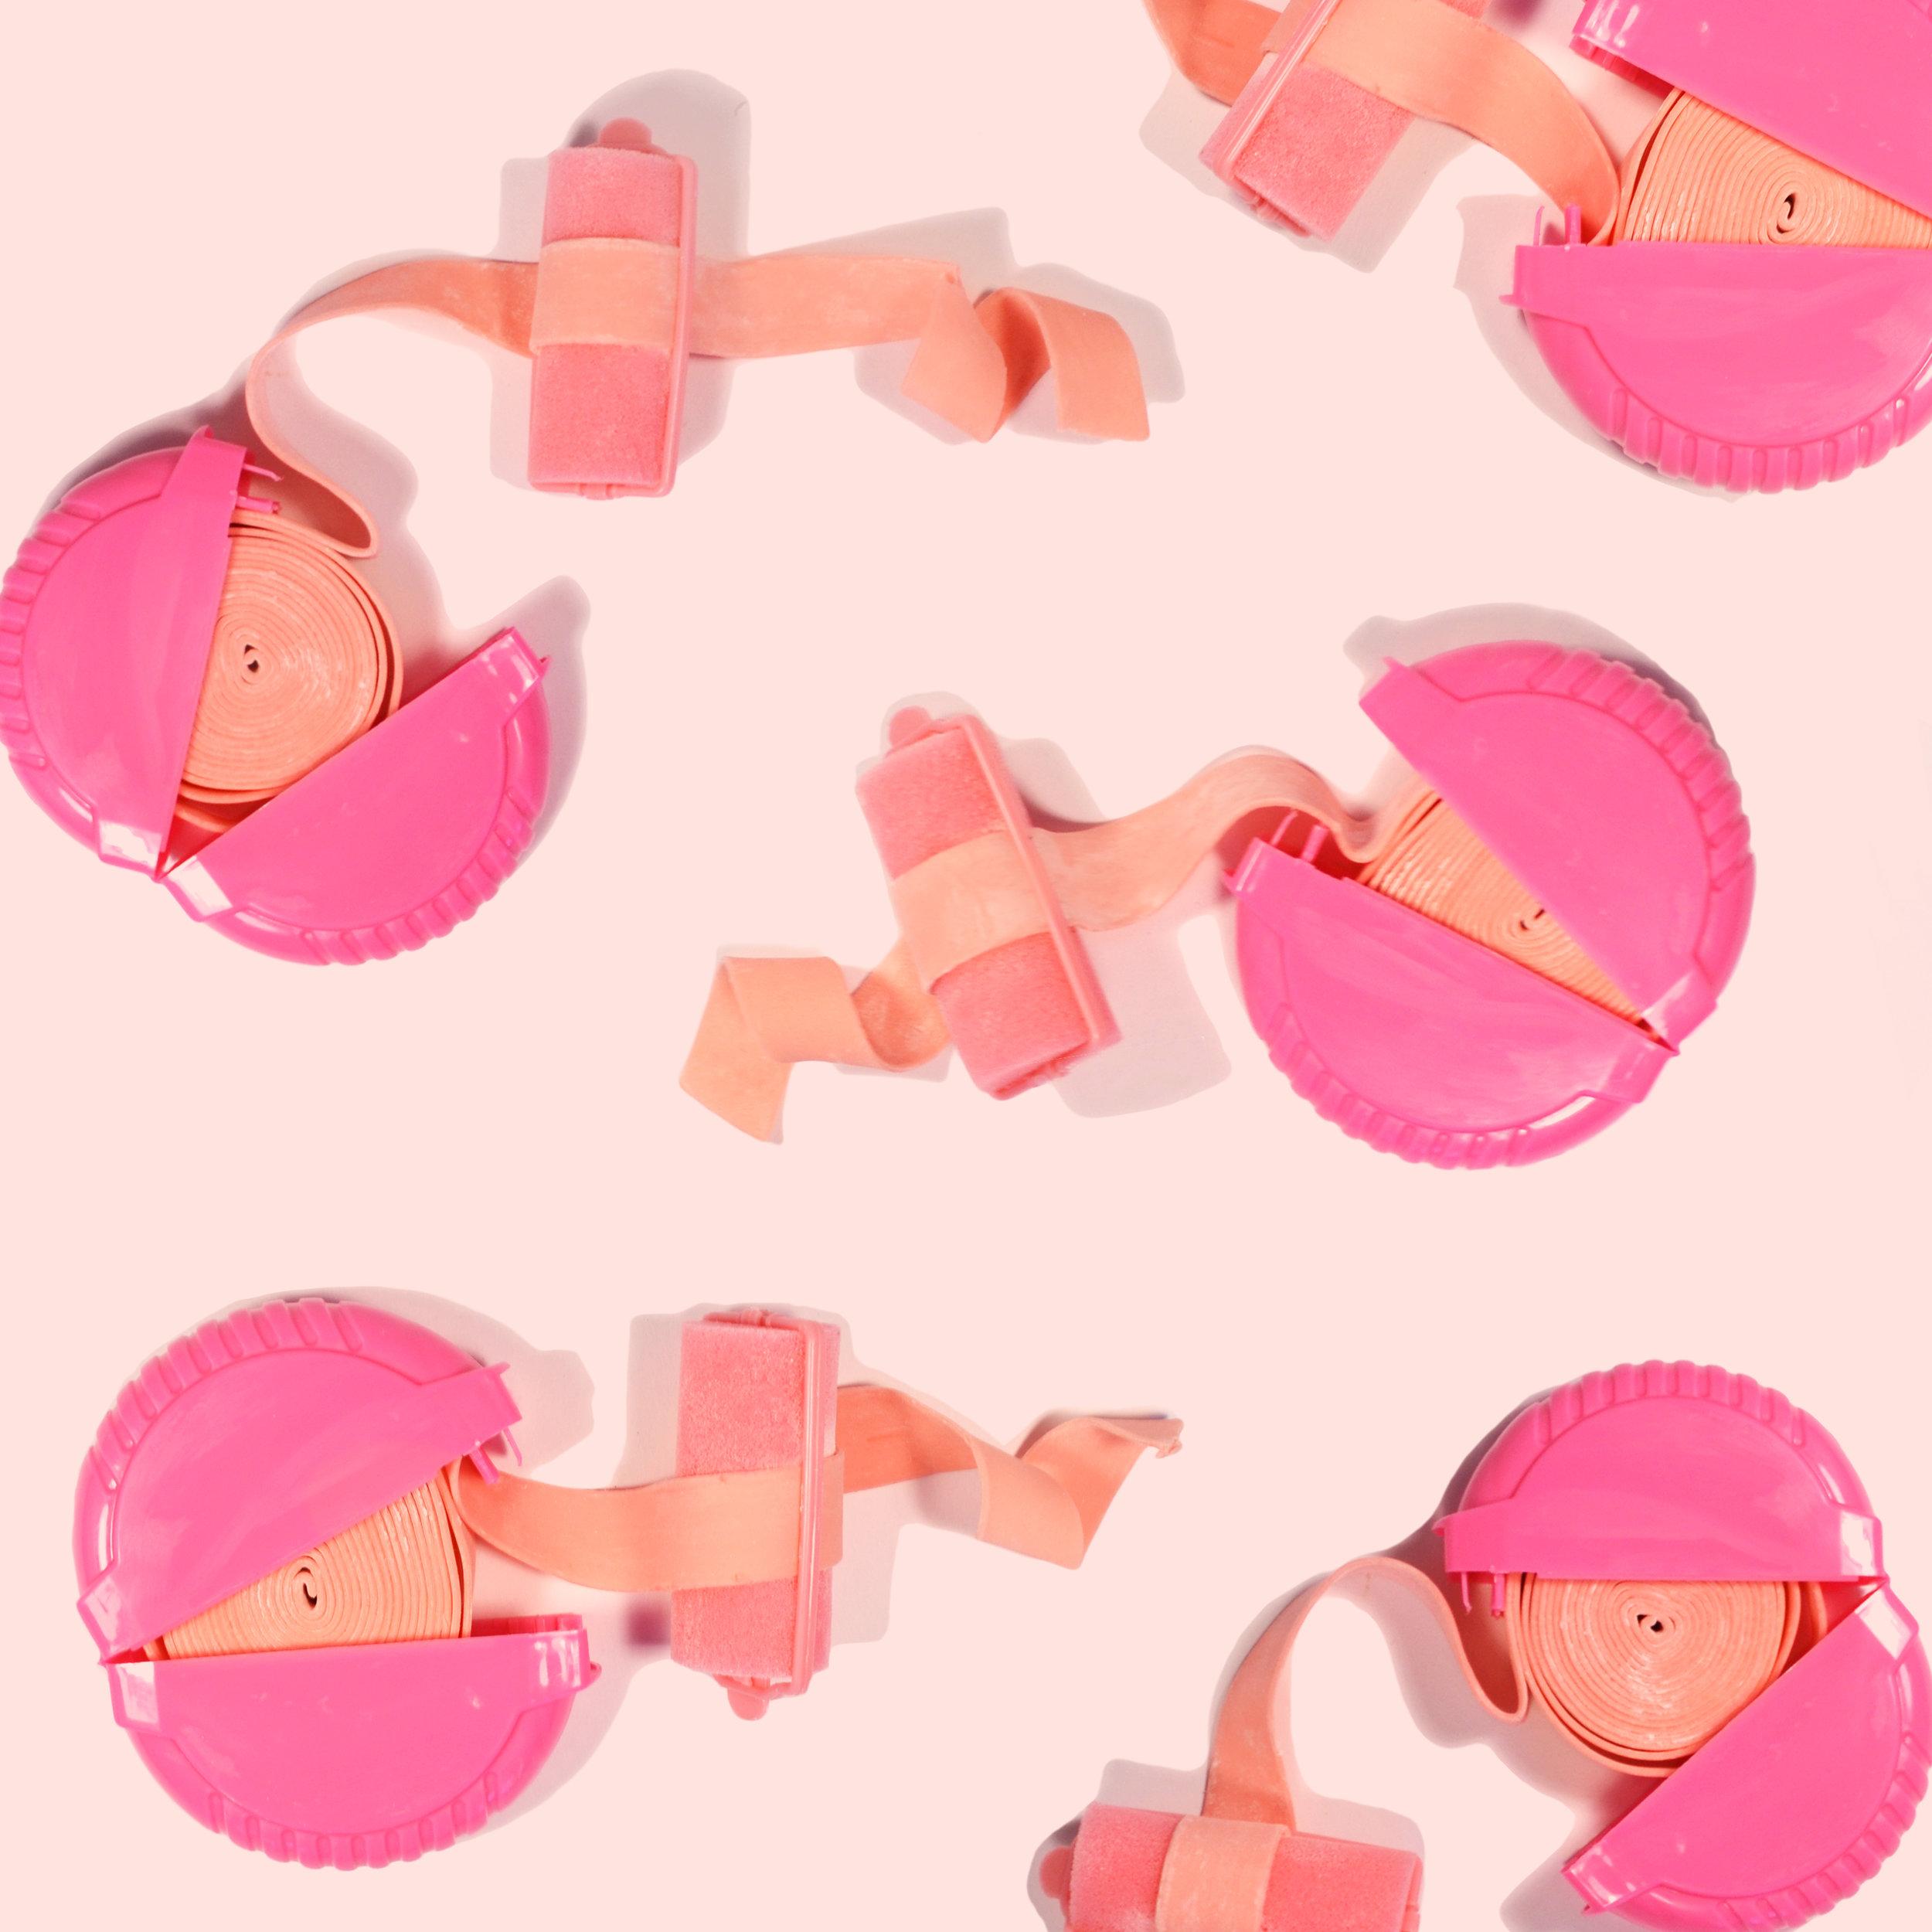 bubble-gum-large.jpg